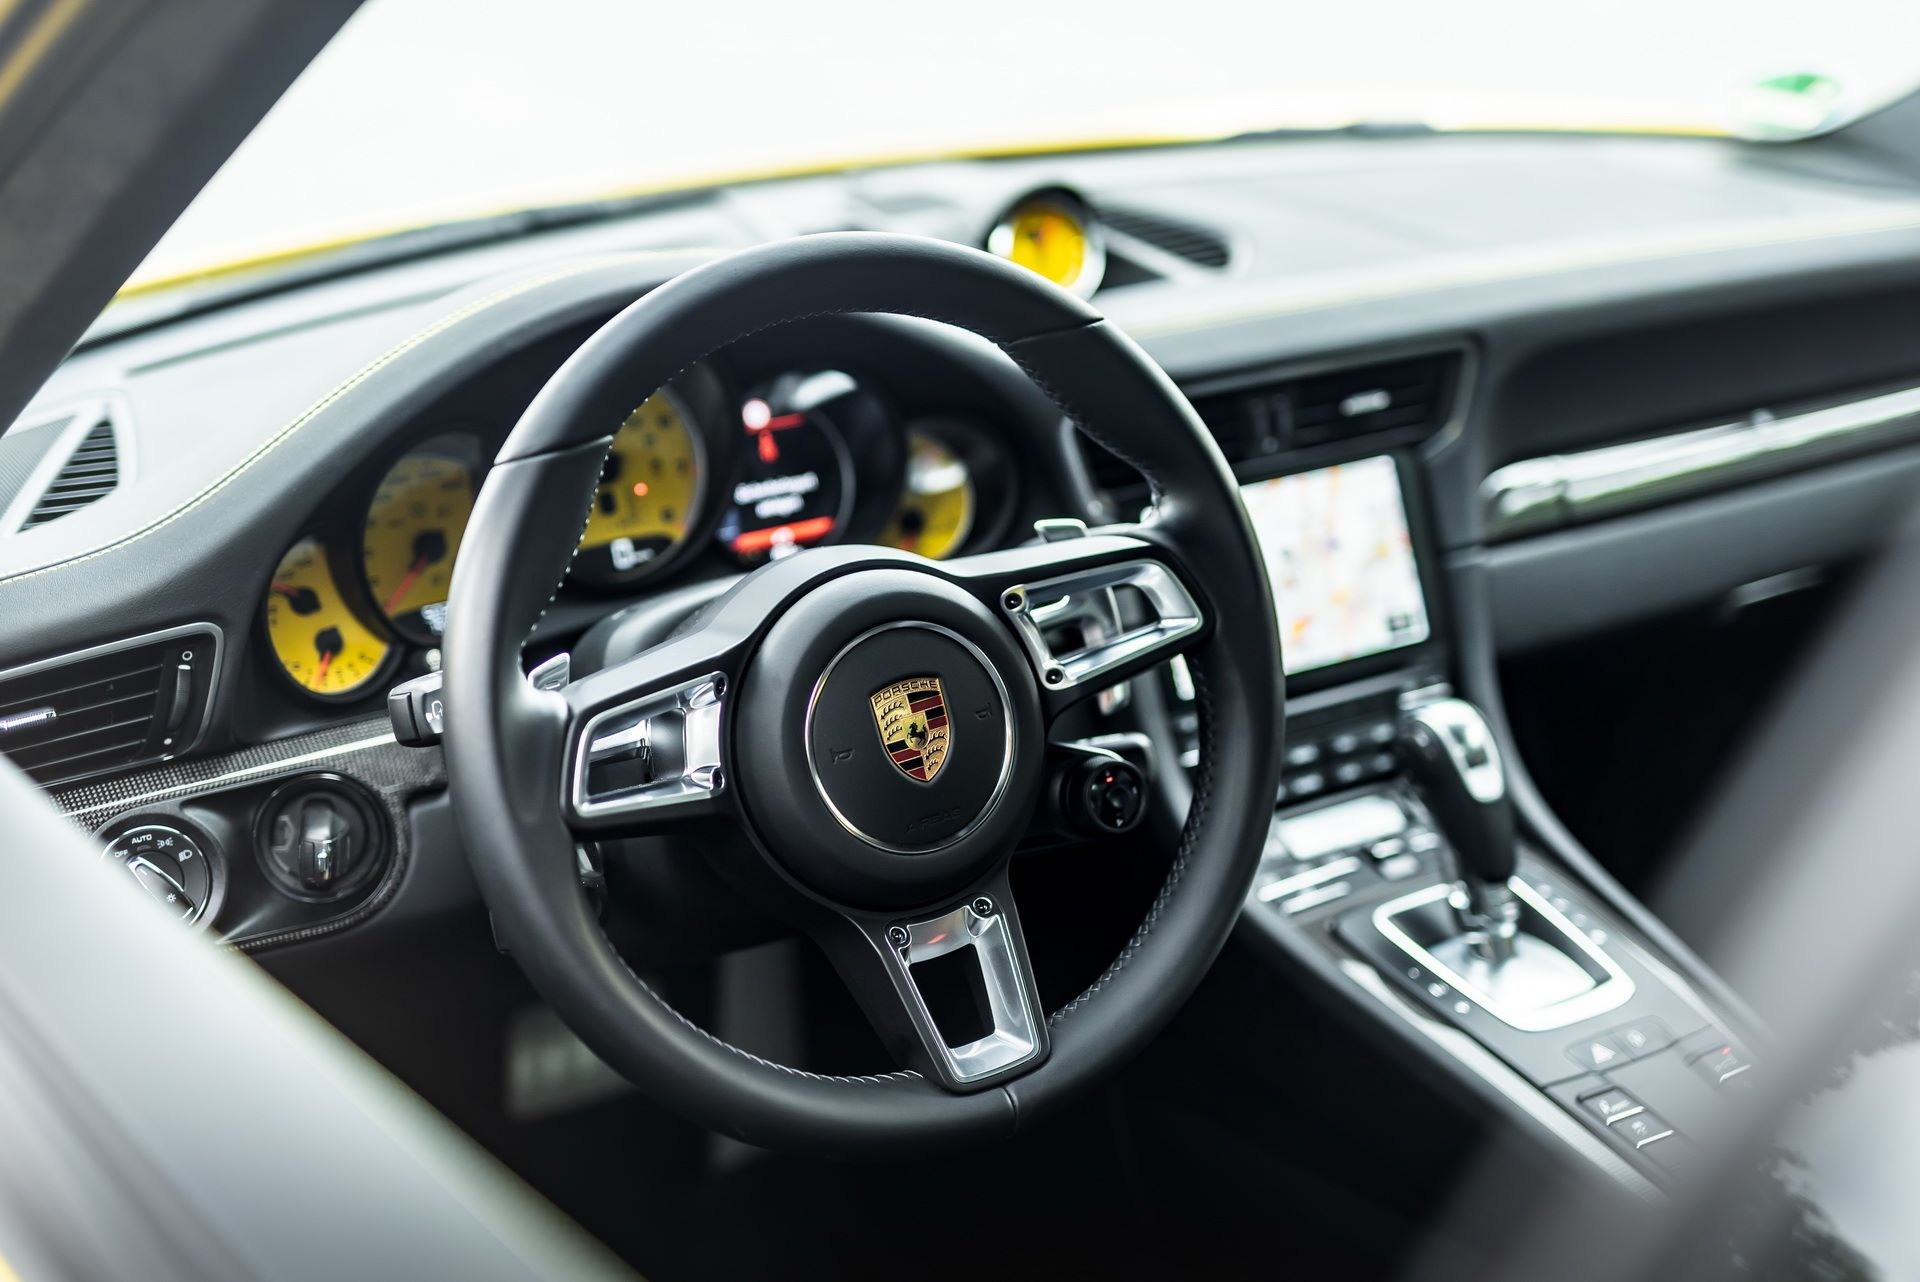 Porsche-911-Turbo-S-by-Manhart-17